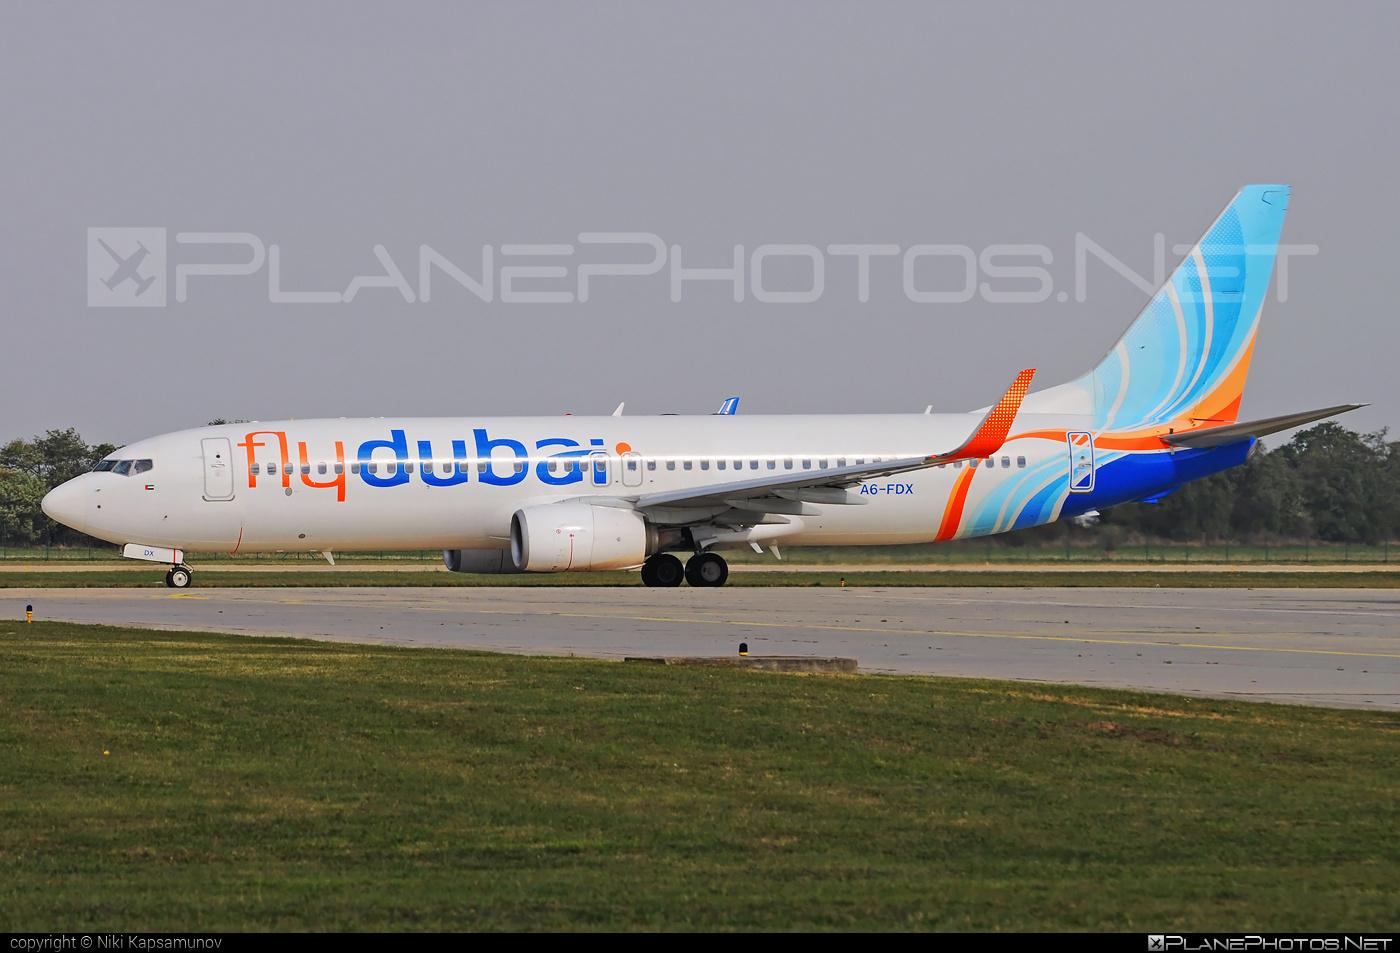 Boeing 737-800 - A6-FDX operated by flydubai #b737 #b737nextgen #b737ng #boeing #boeing737